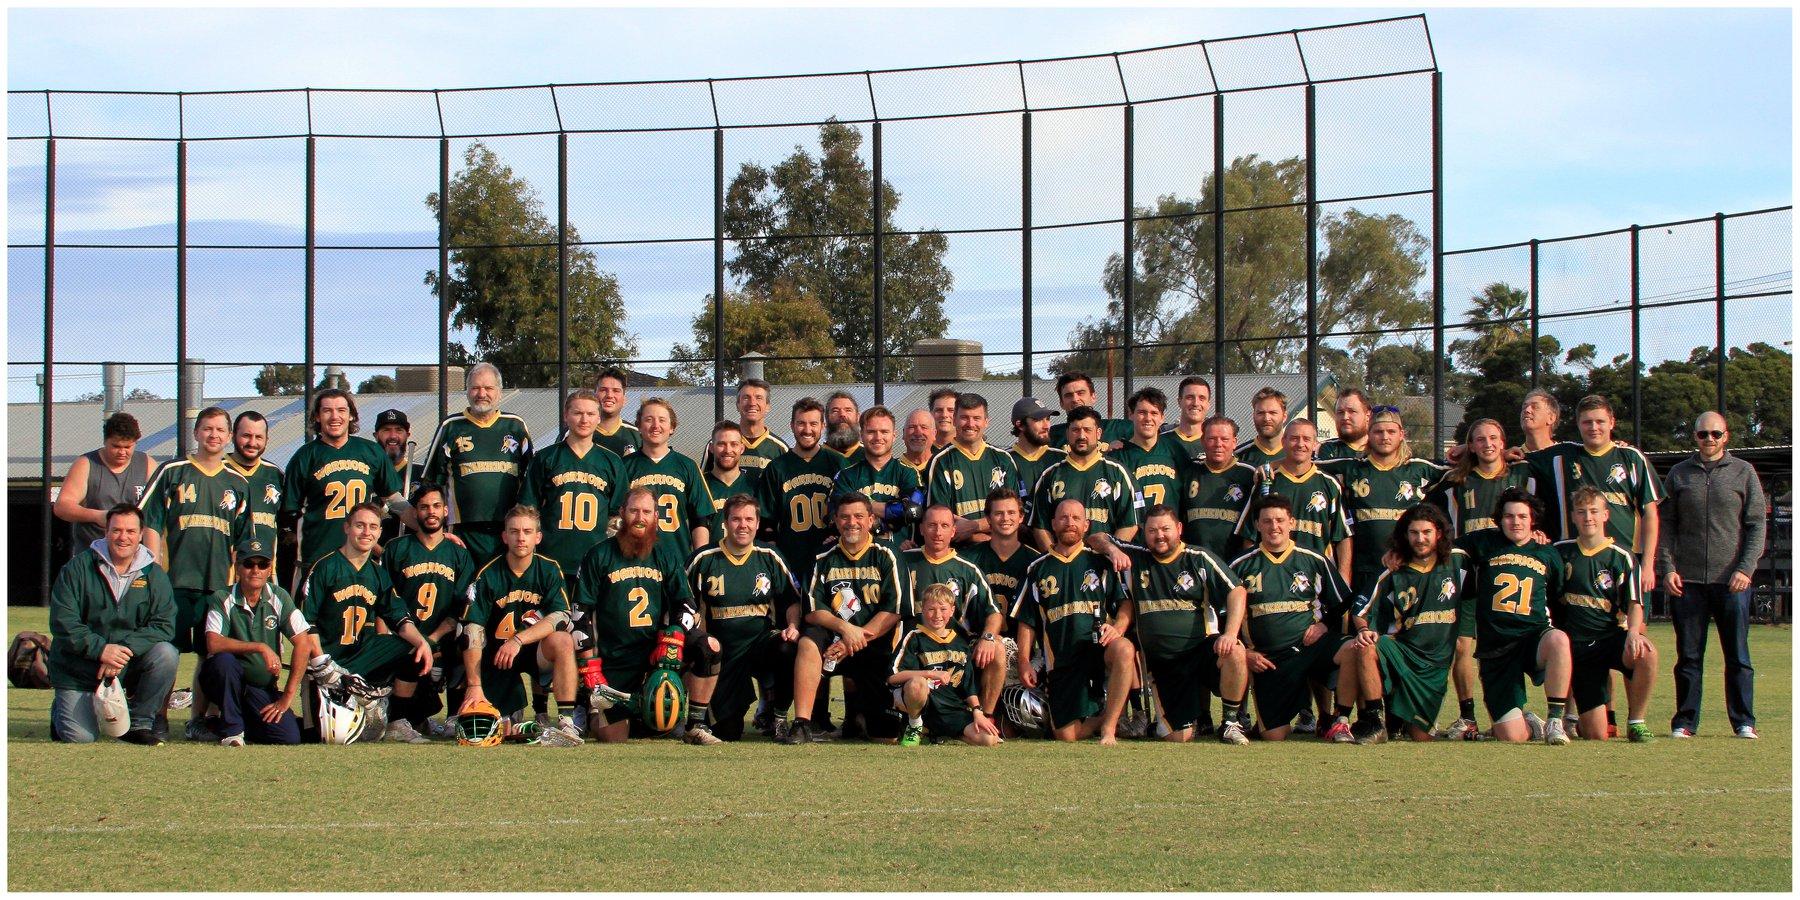 Woodville Lacrosse Club